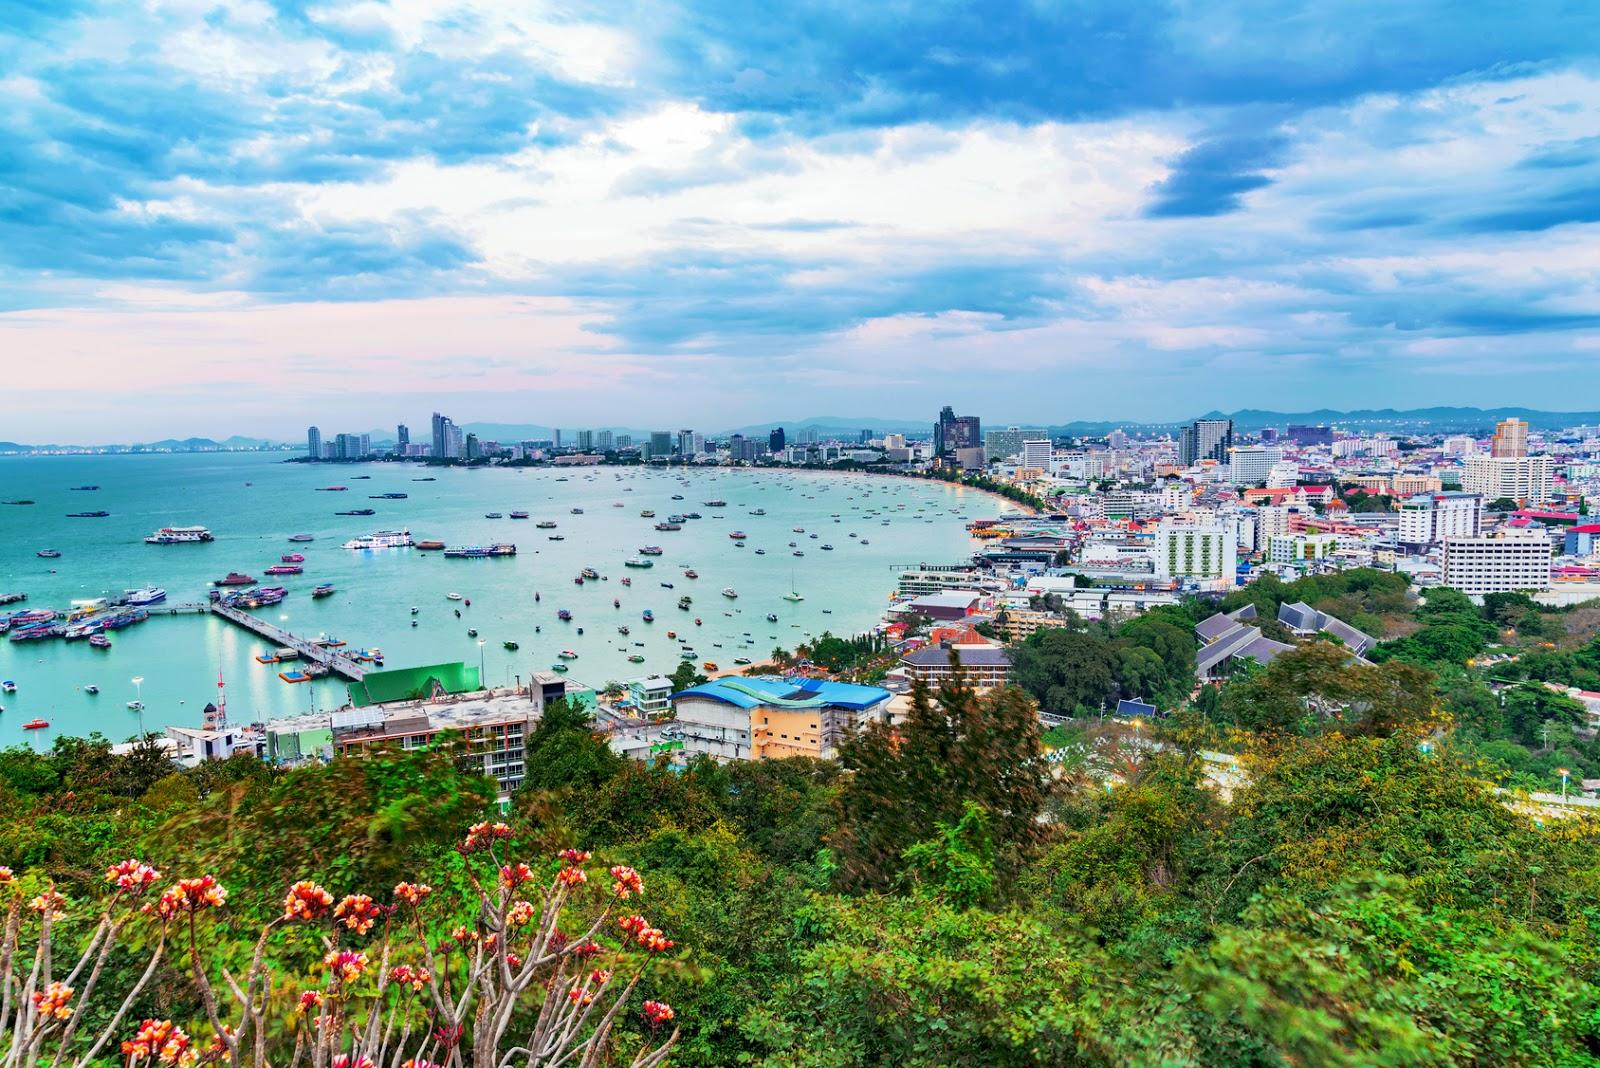 【泰國】夏日玩水趣,泰國六大玩水勝地,跳島旅行推薦 | AsiaYo Blog